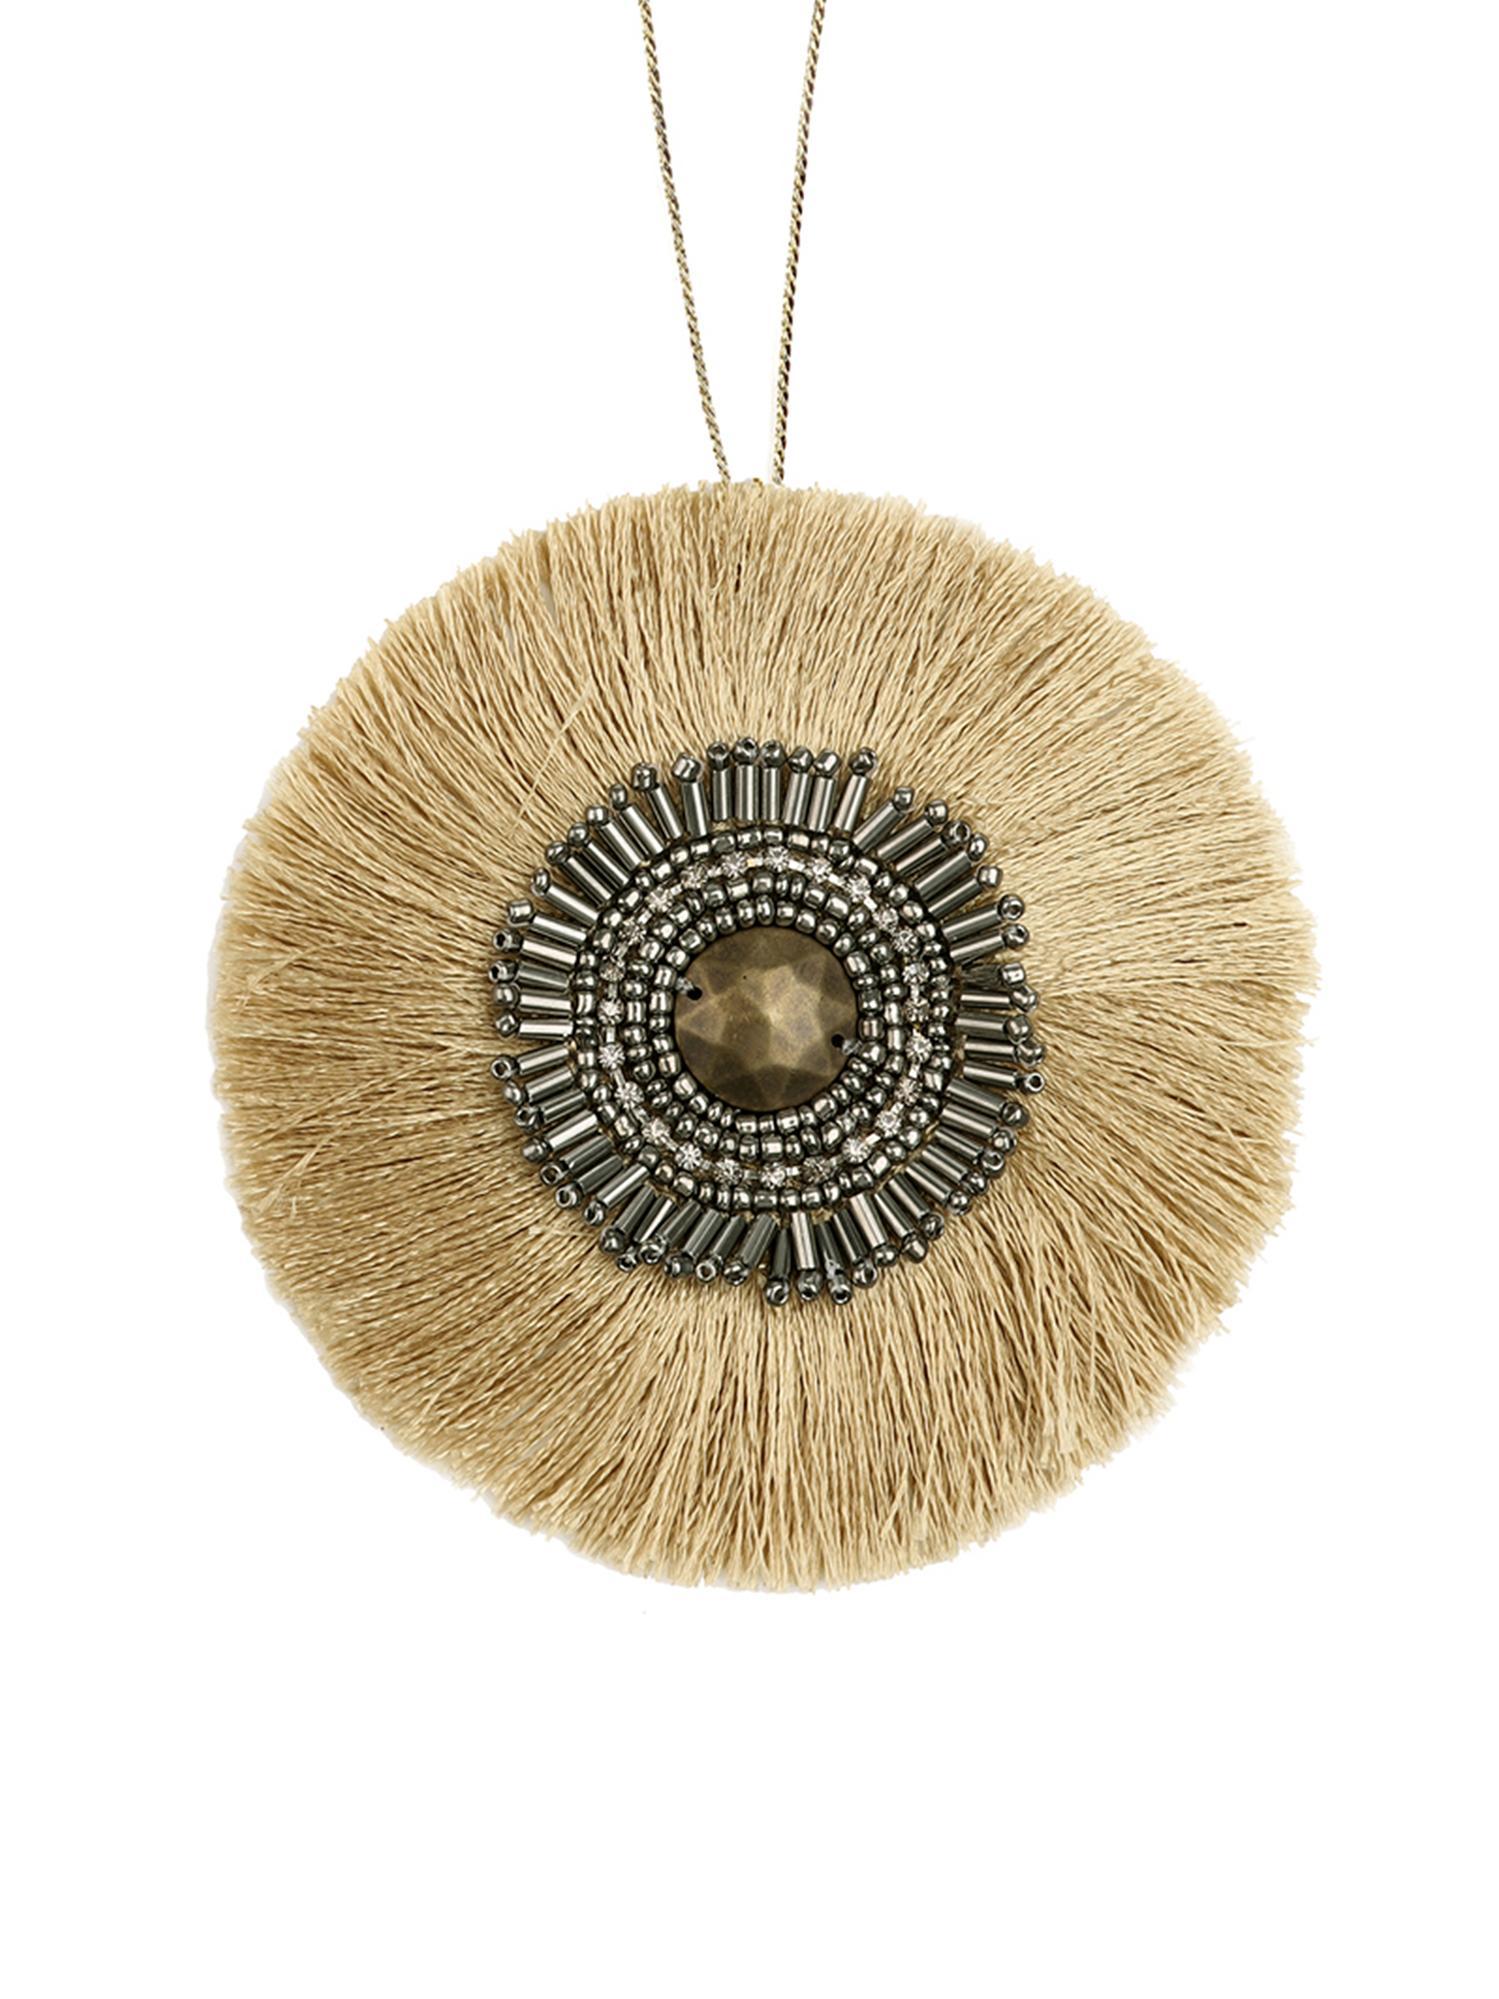 Handgefertigter Geschenkanhänger Gisol, 60% Polyester, 40% Glasperlen, Beige, Goldfarben, Schwarz, glänzend, Ø 10 cm